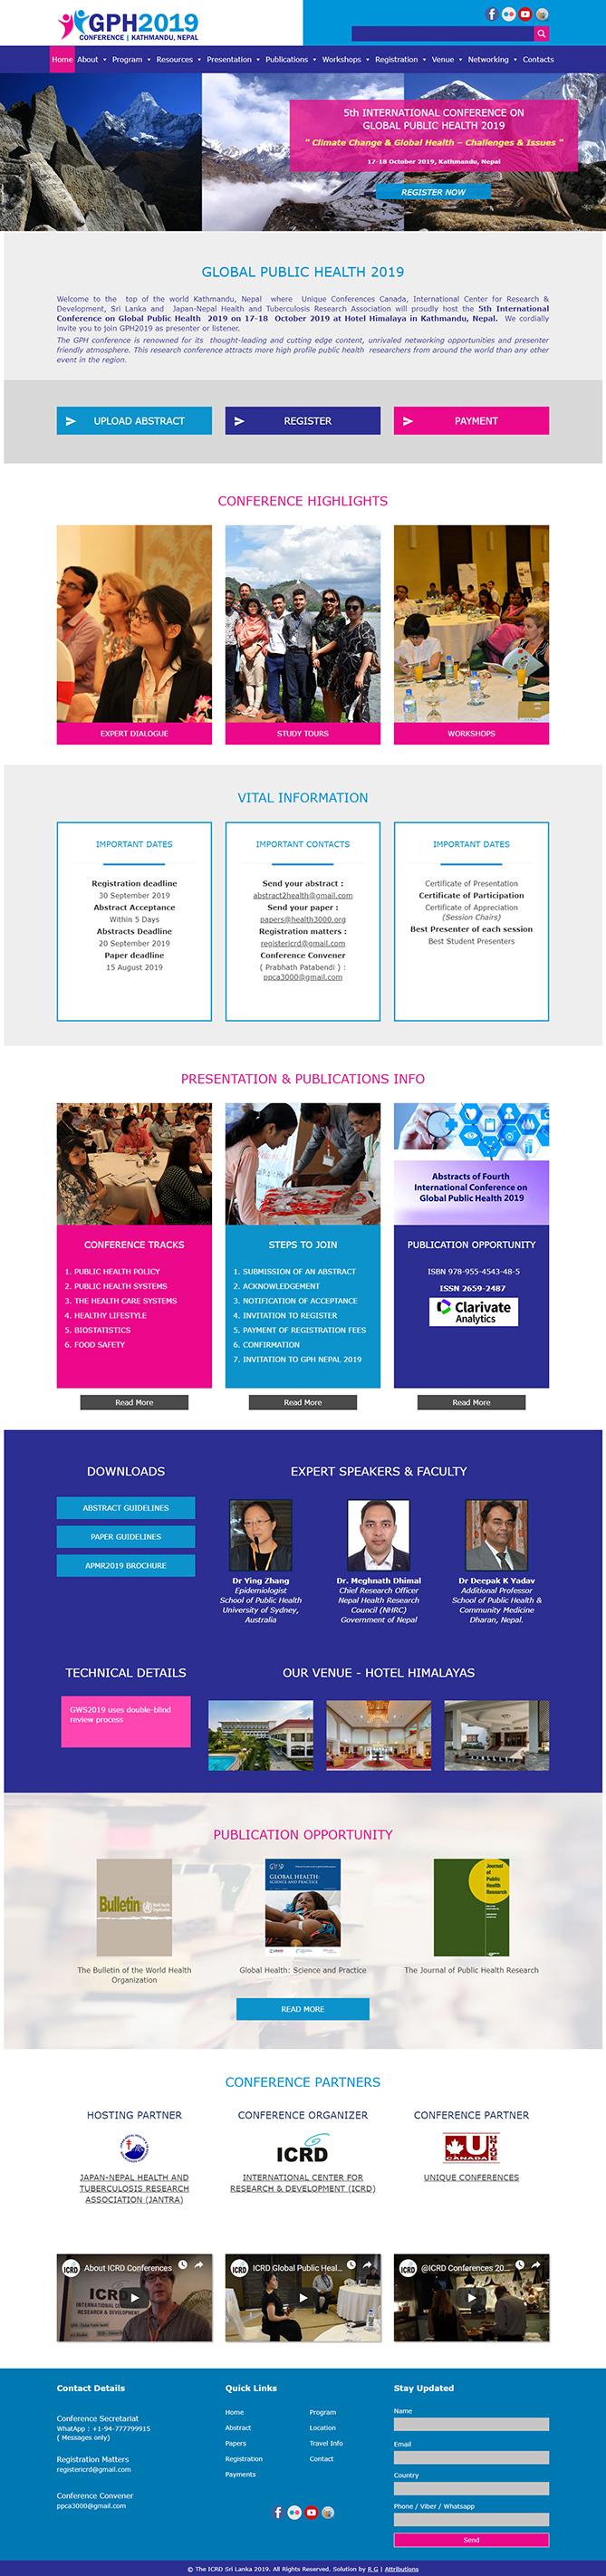 gph-conference-website-design-in-sri-lanka